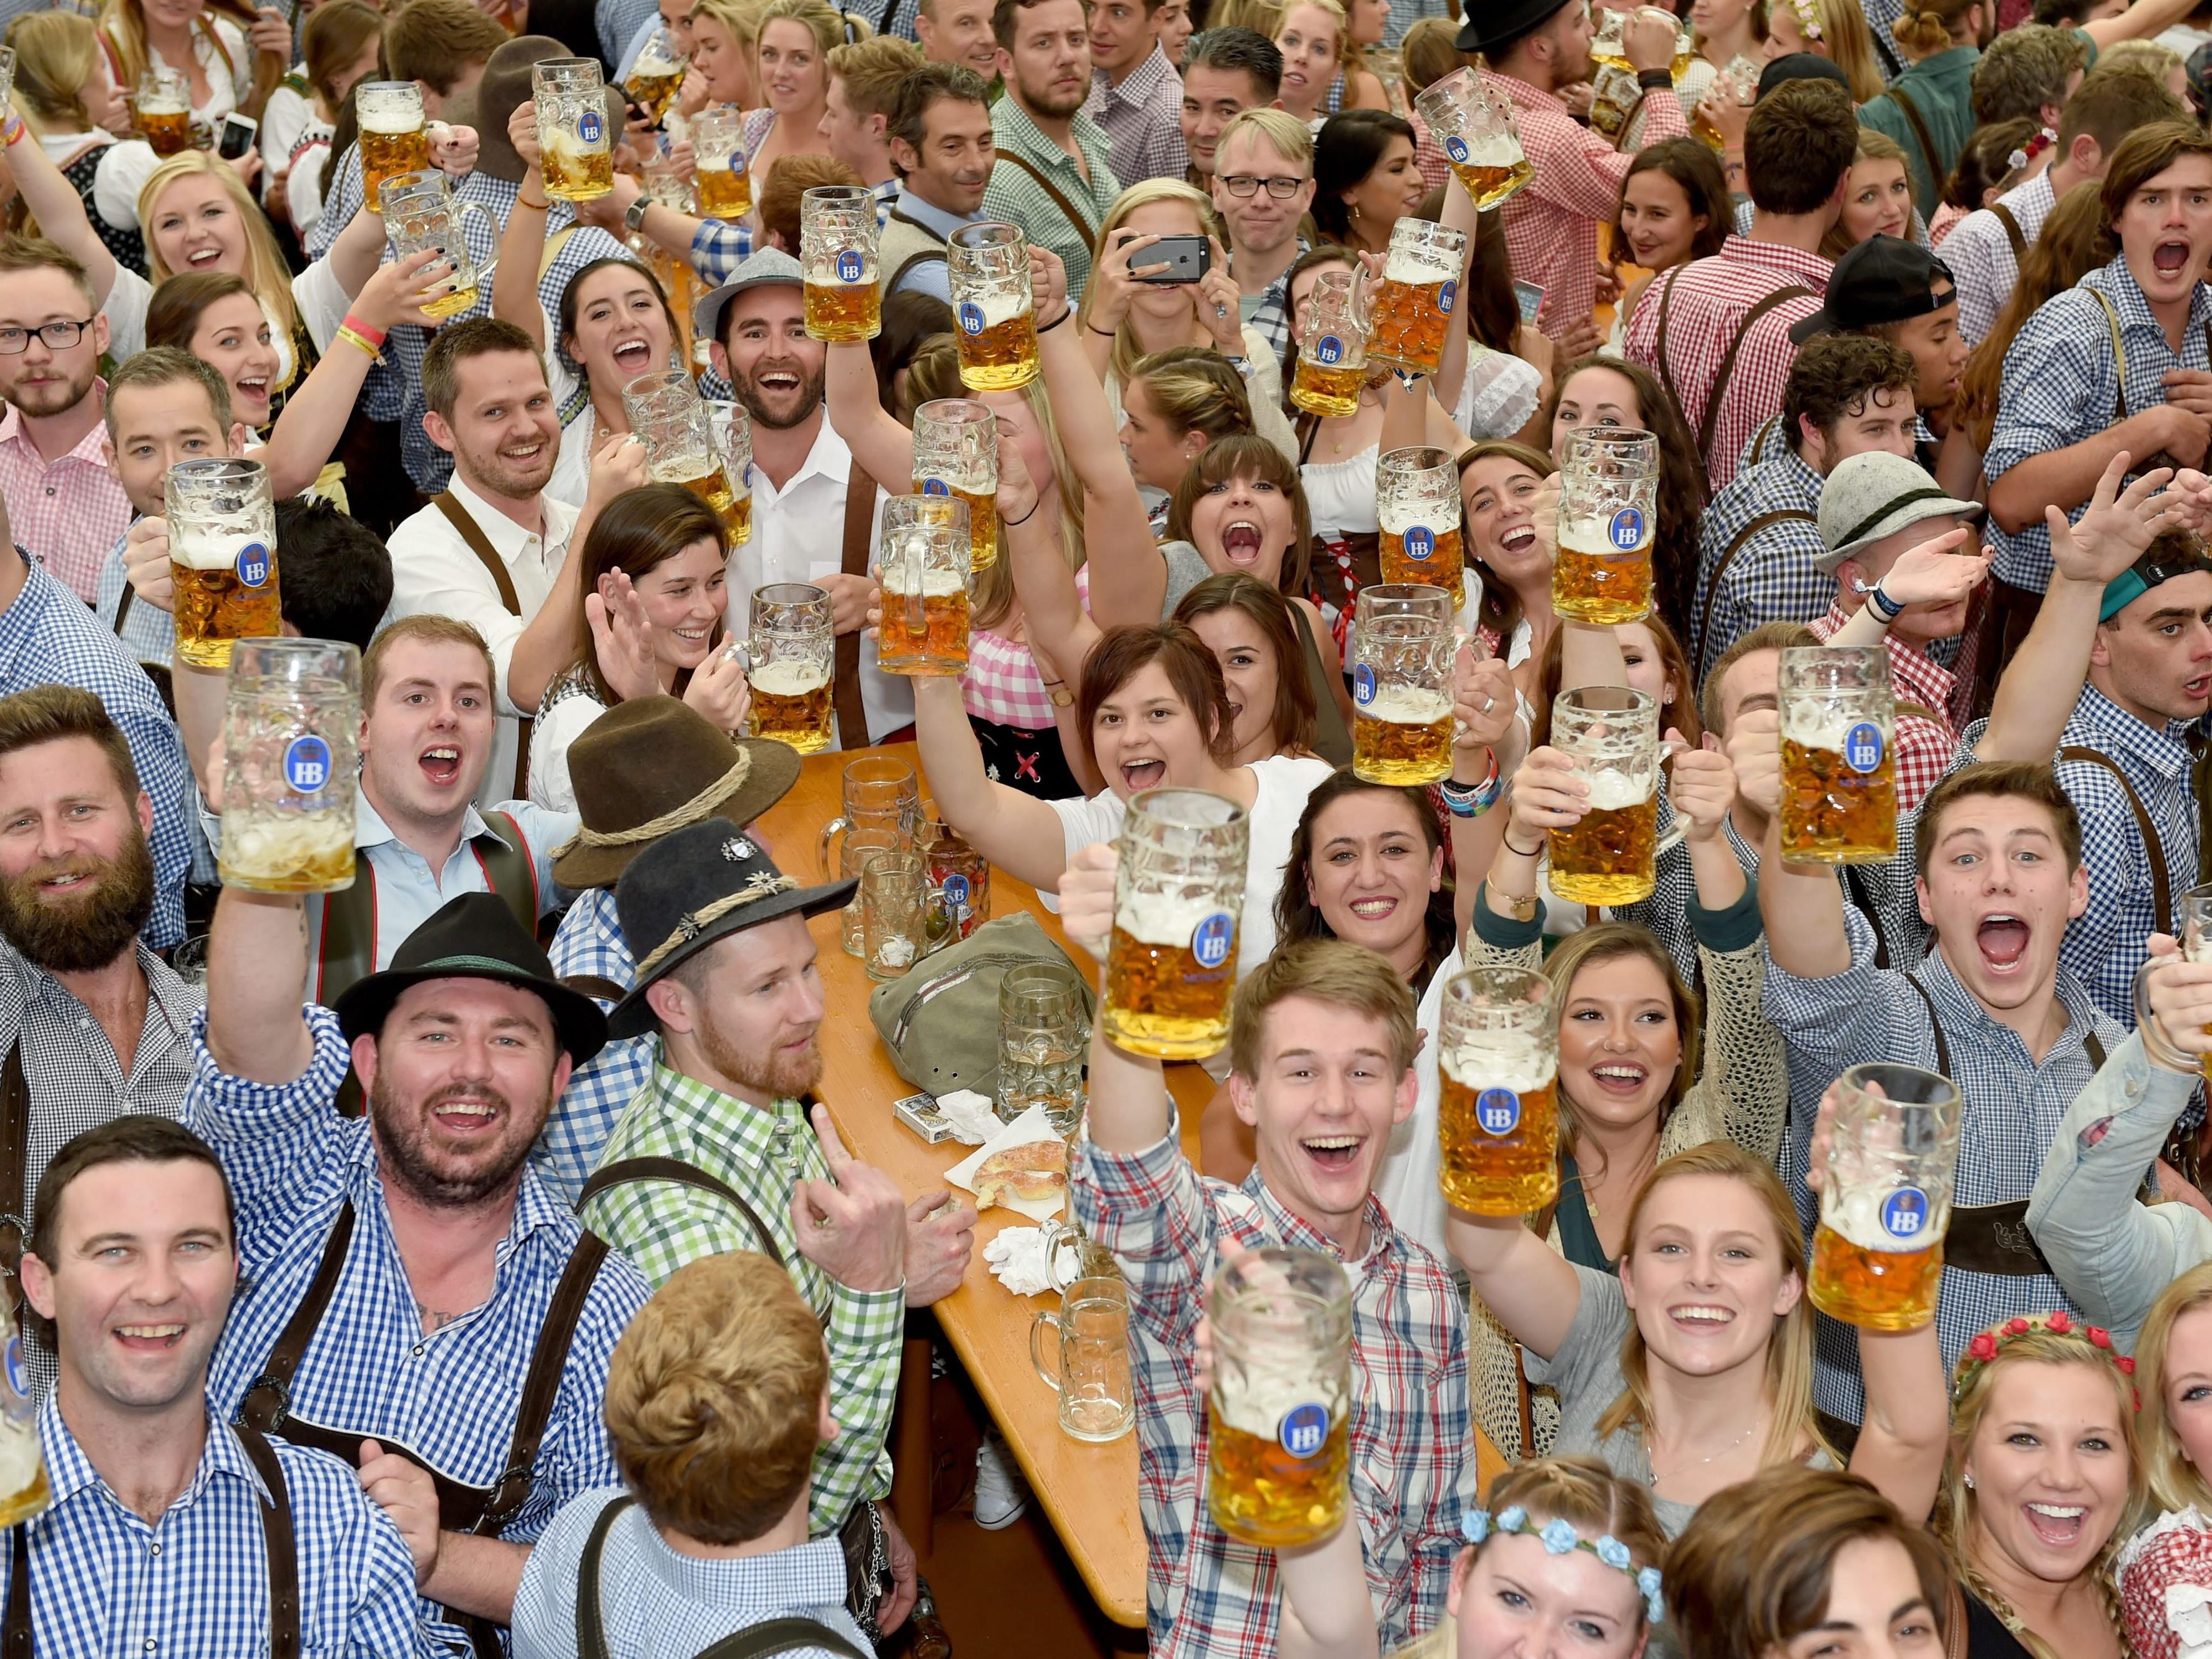 Das Oktoberfest startet heuer am 16. September.